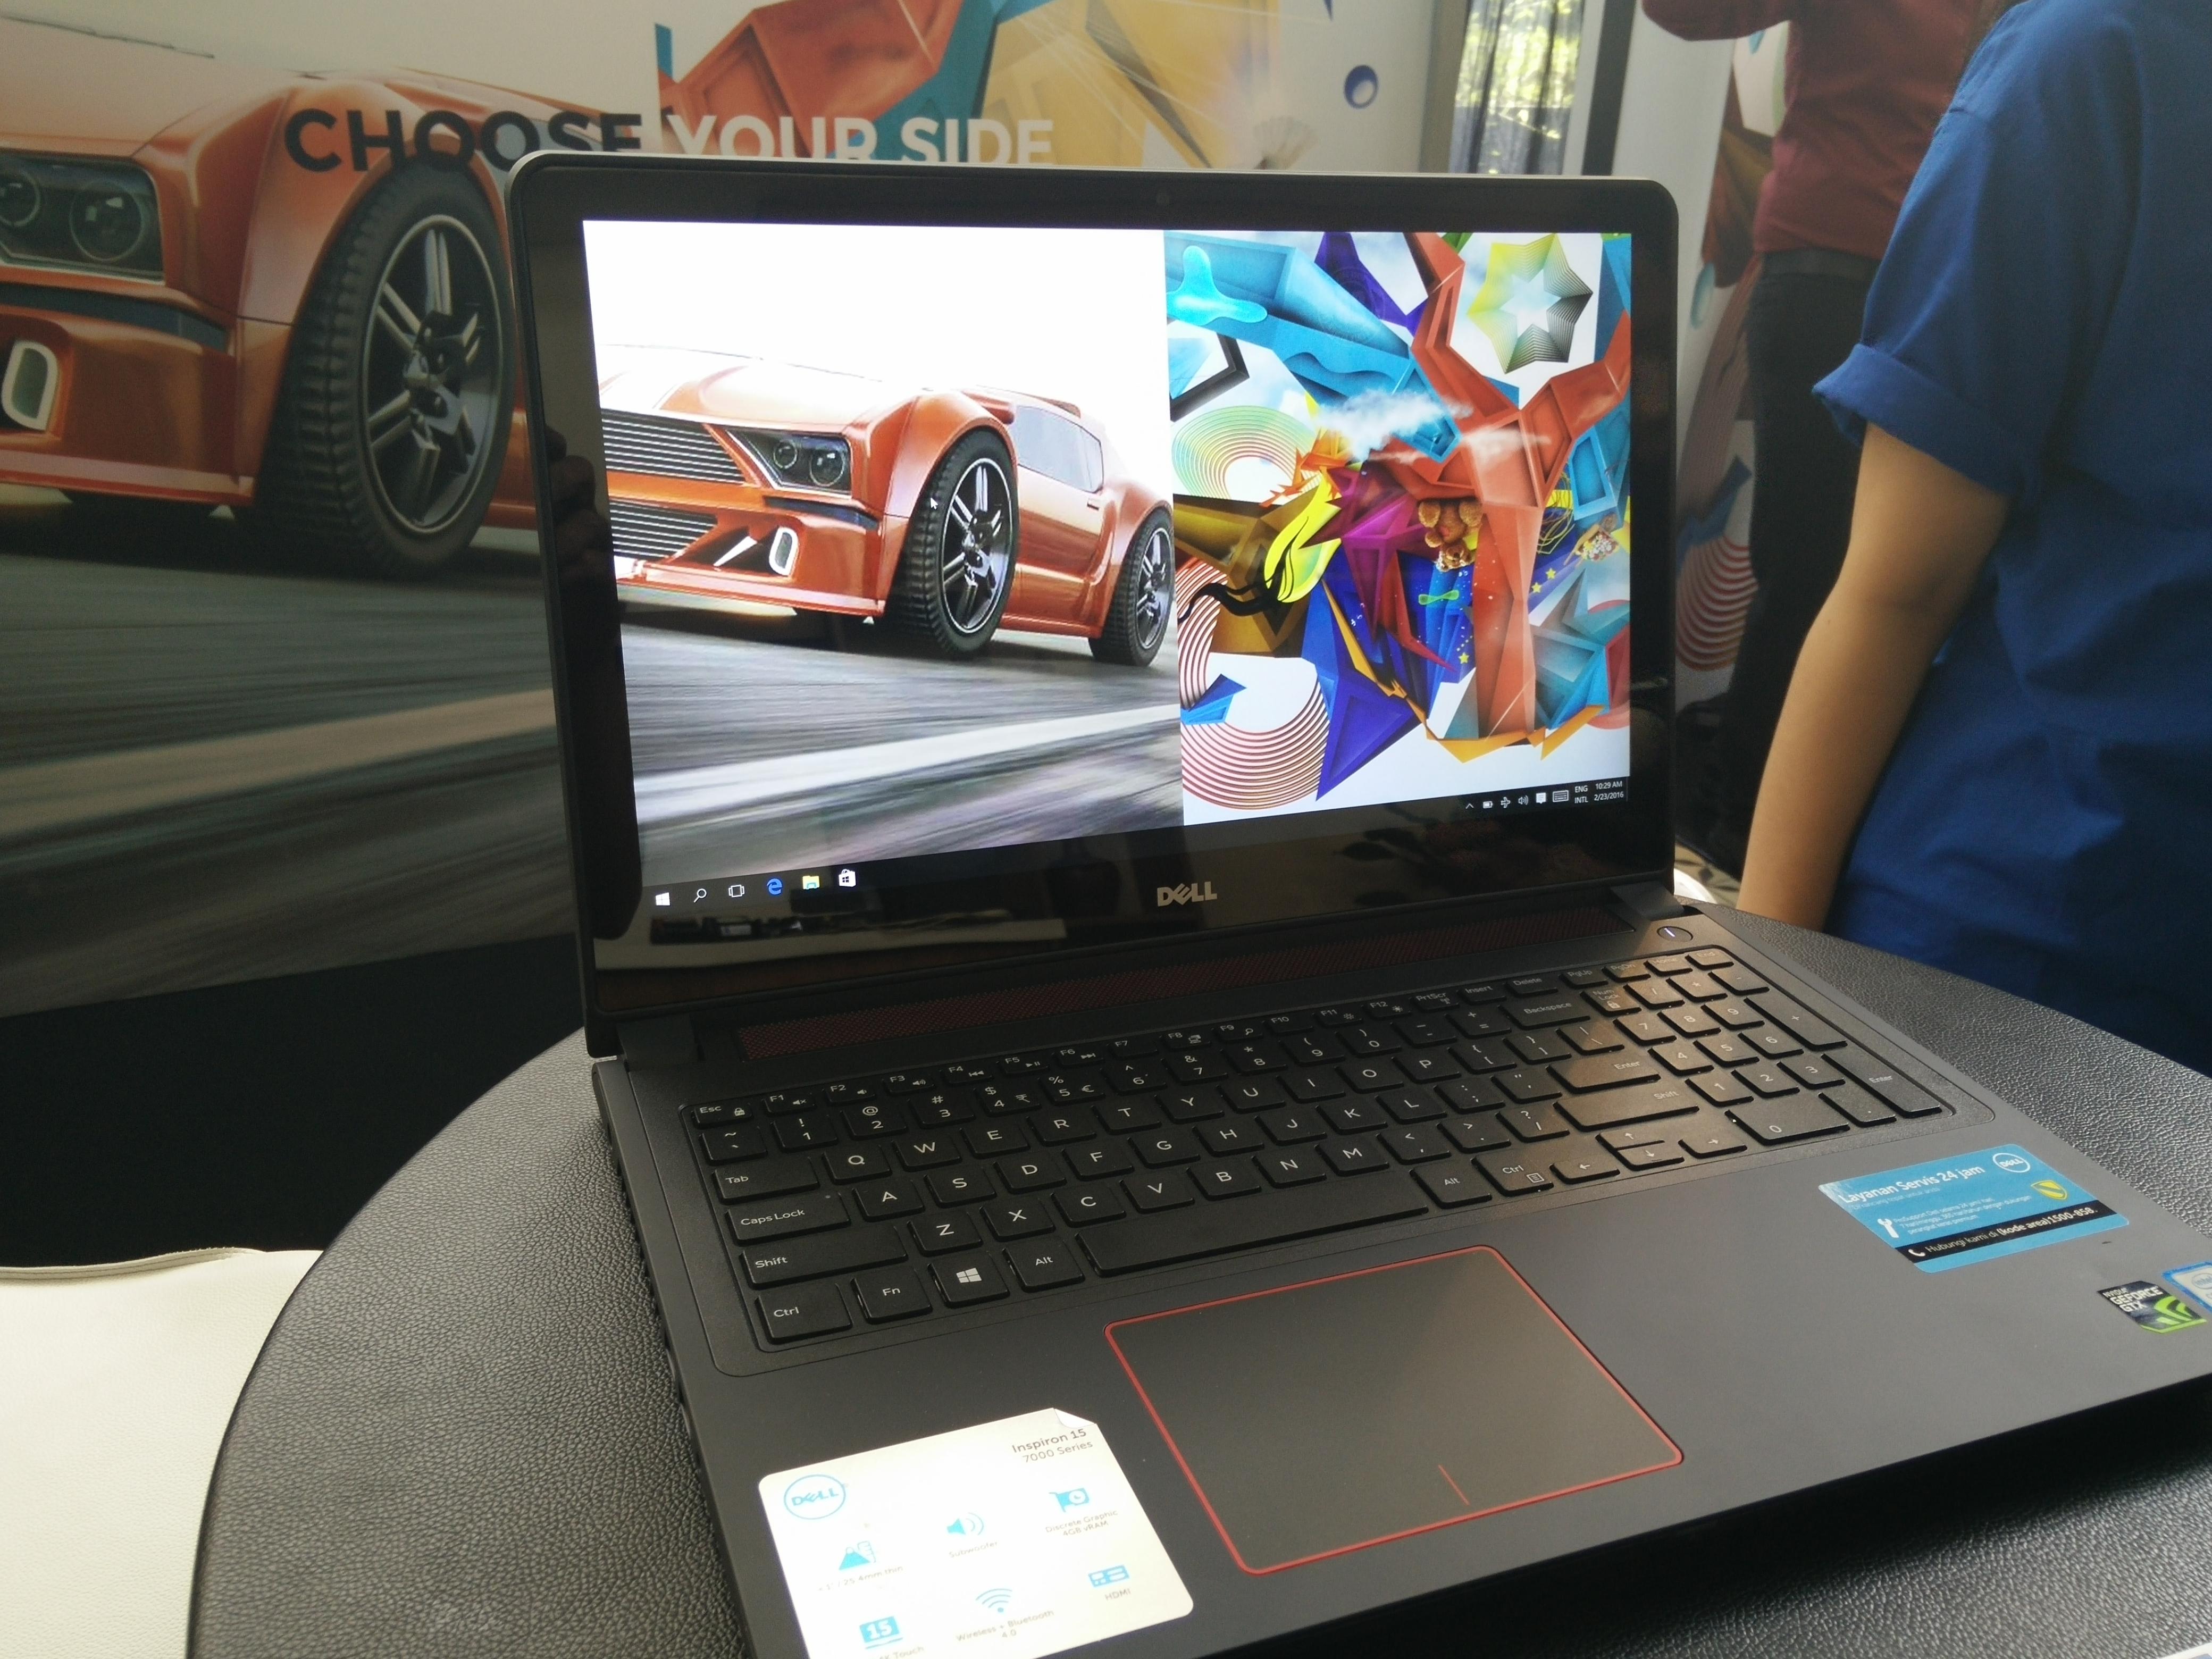 Dell Luncurkan Laptop Baru Untuk Profesional Dan Gamer